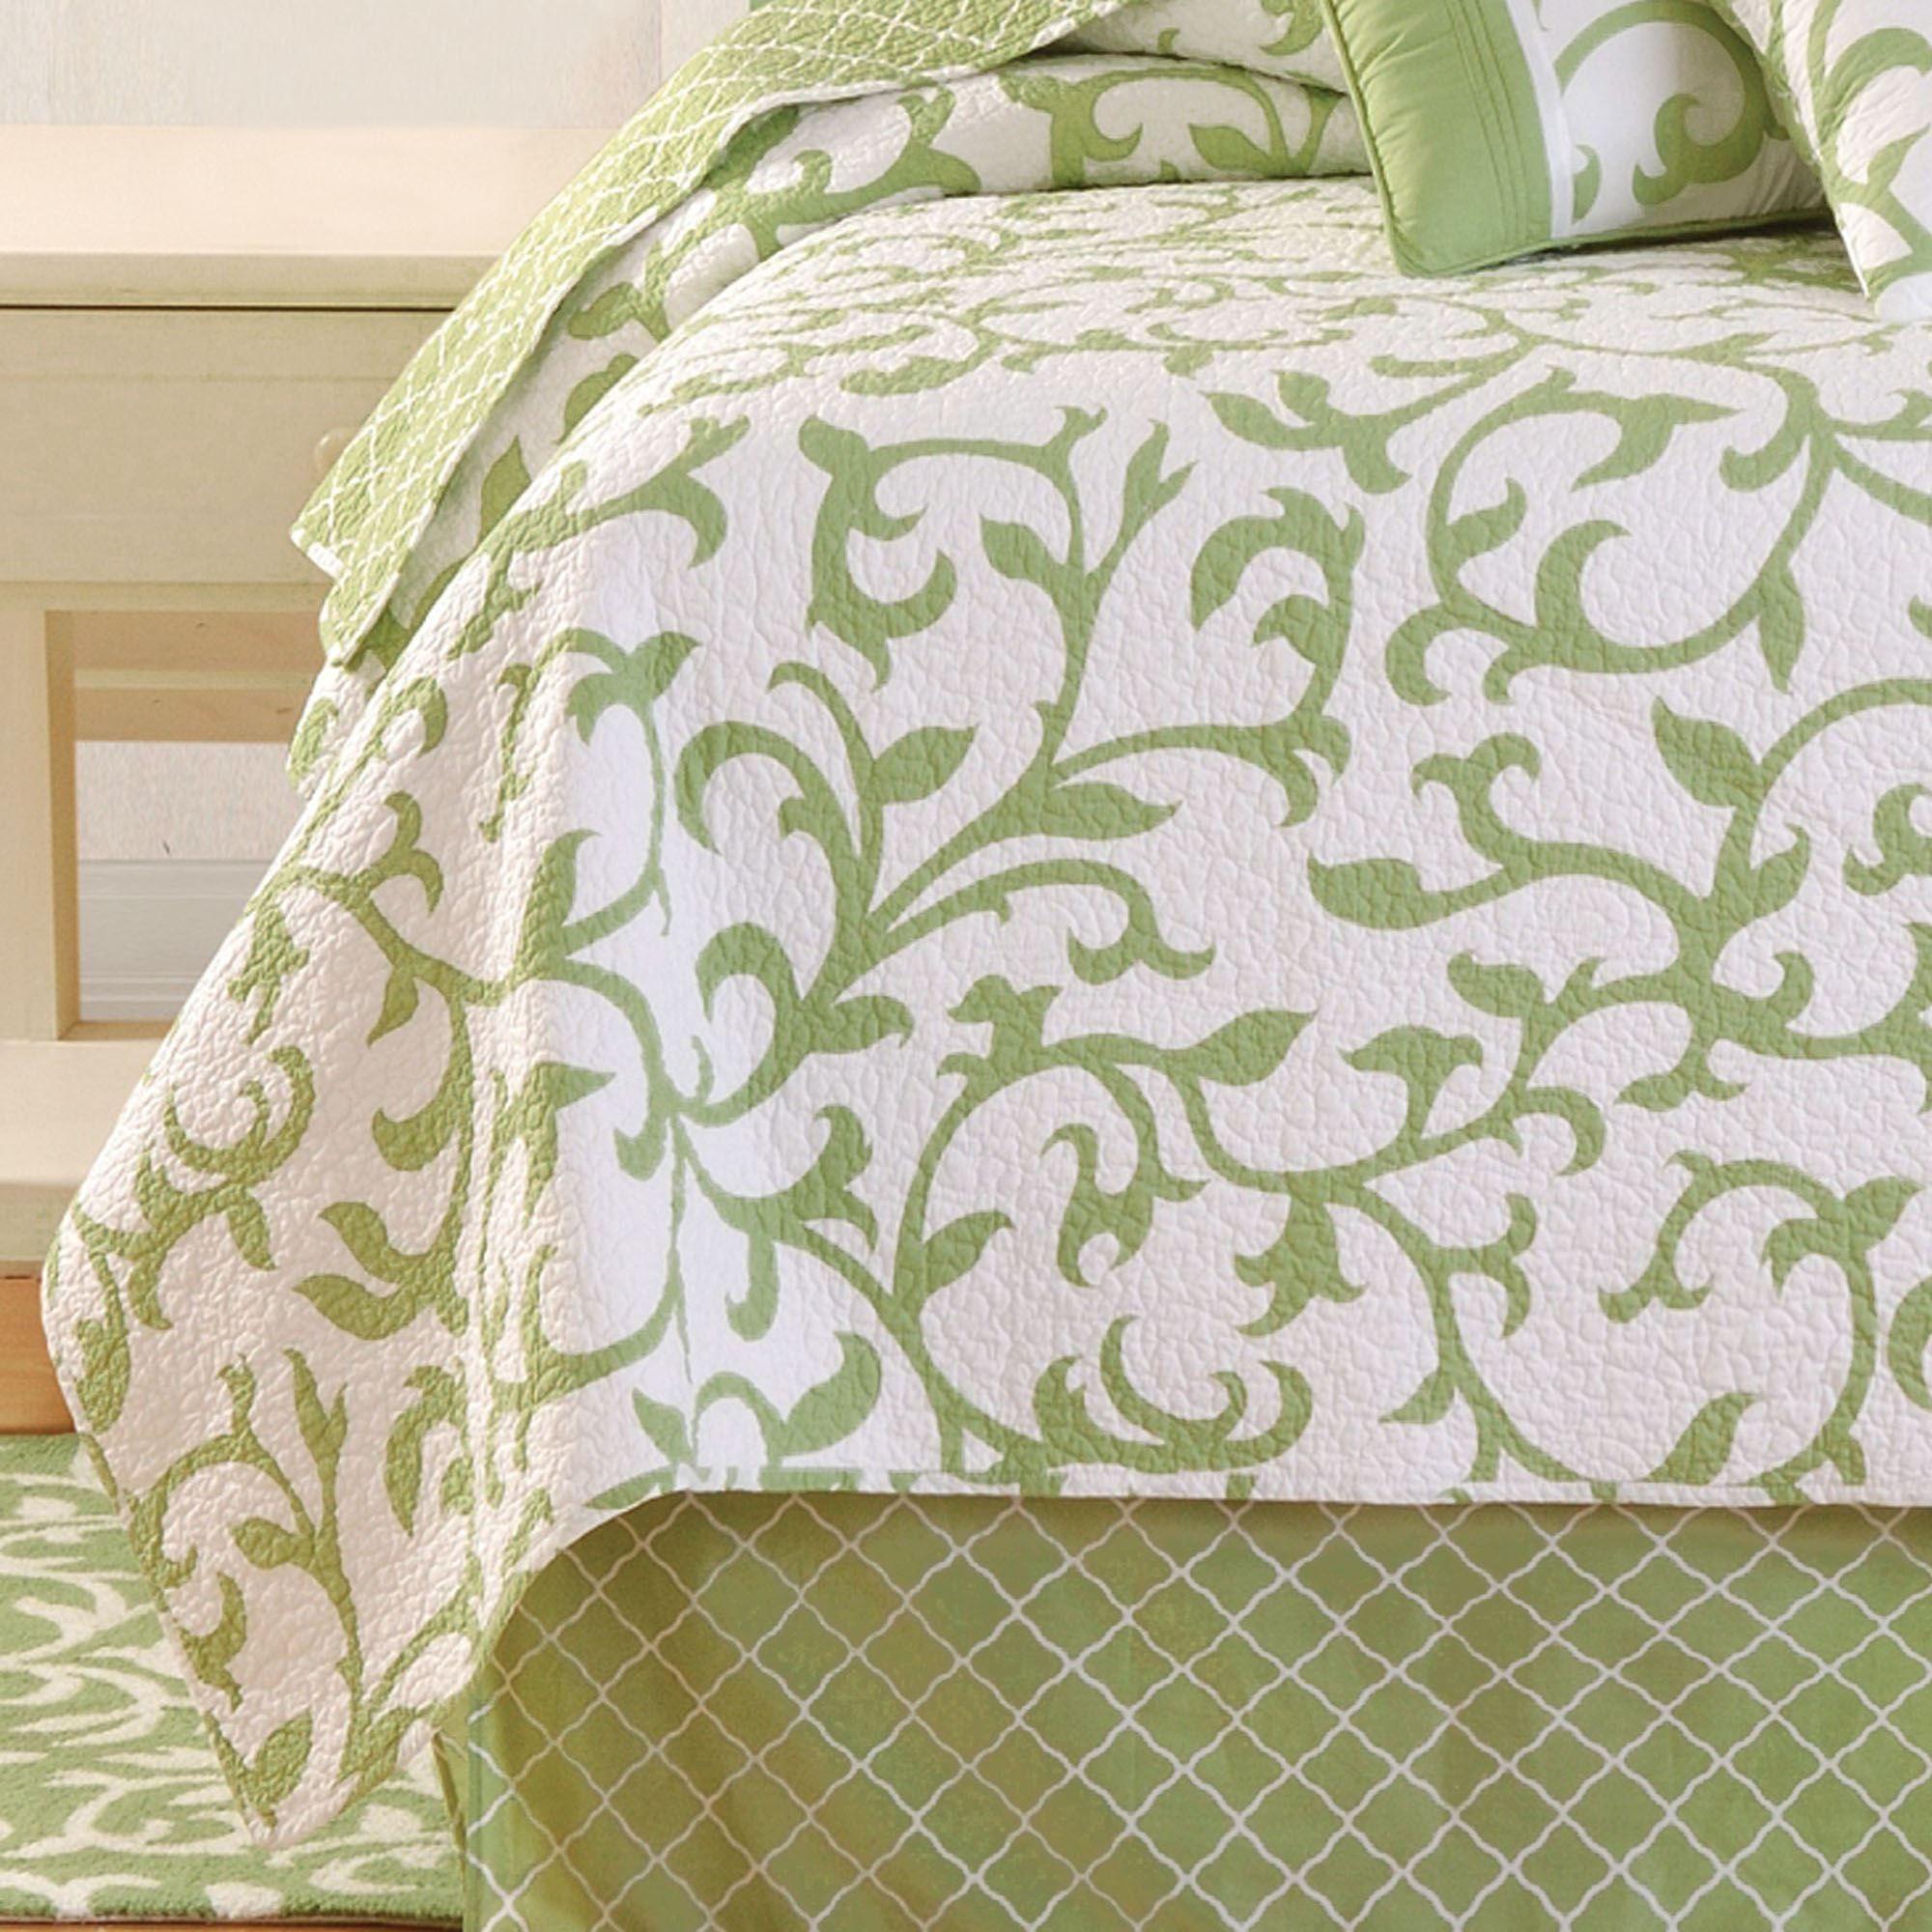 Serendipity All Cotton Quilt Bedding : serendipity quilt shop - Adamdwight.com